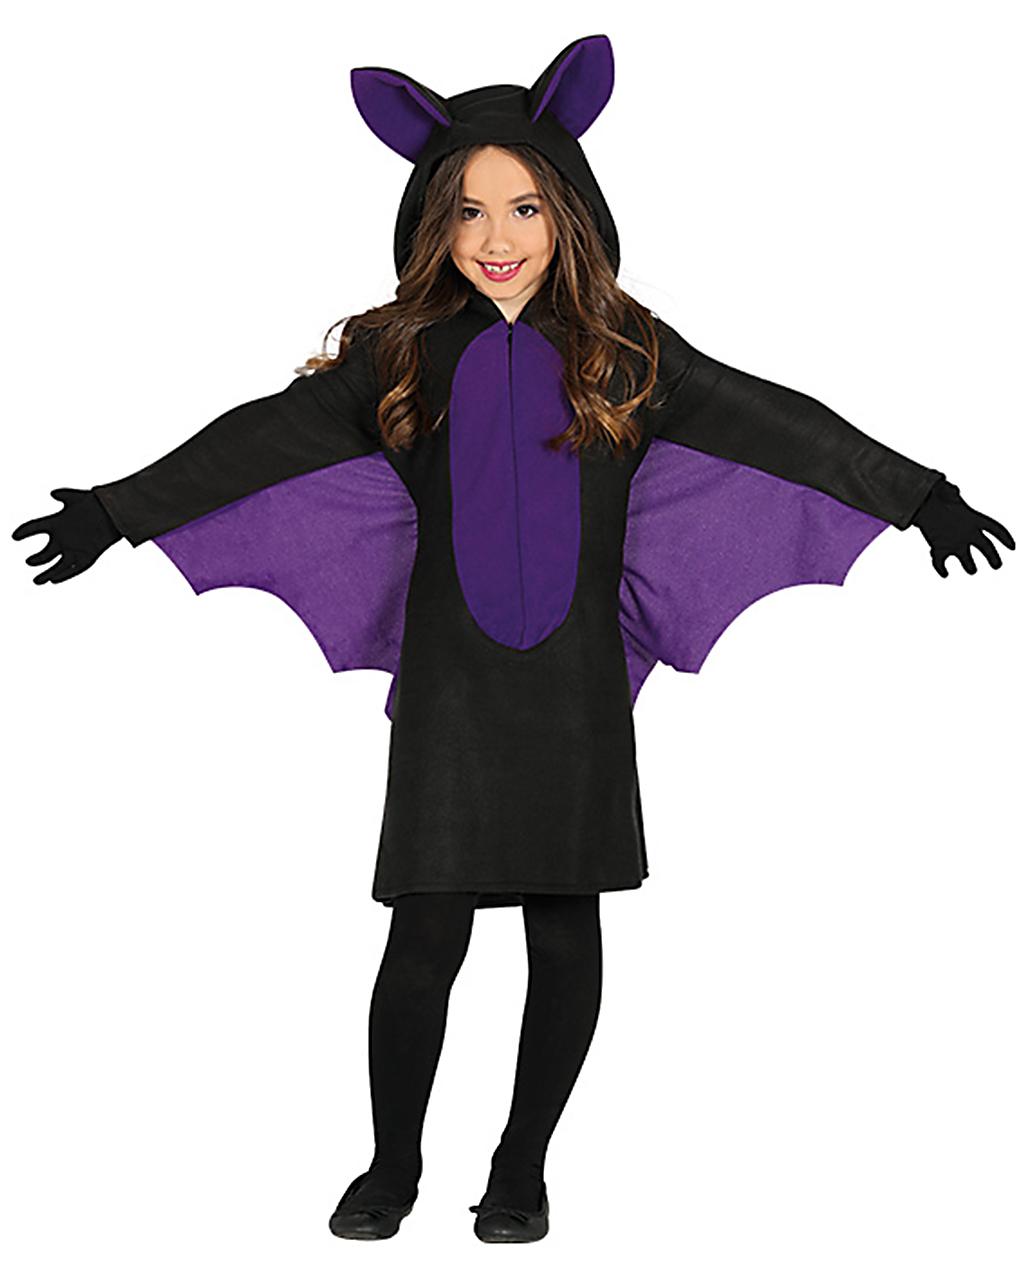 sc 1 st  Horror-Shop.com & Bat Girl Costume for Halloween | horror-shop.com